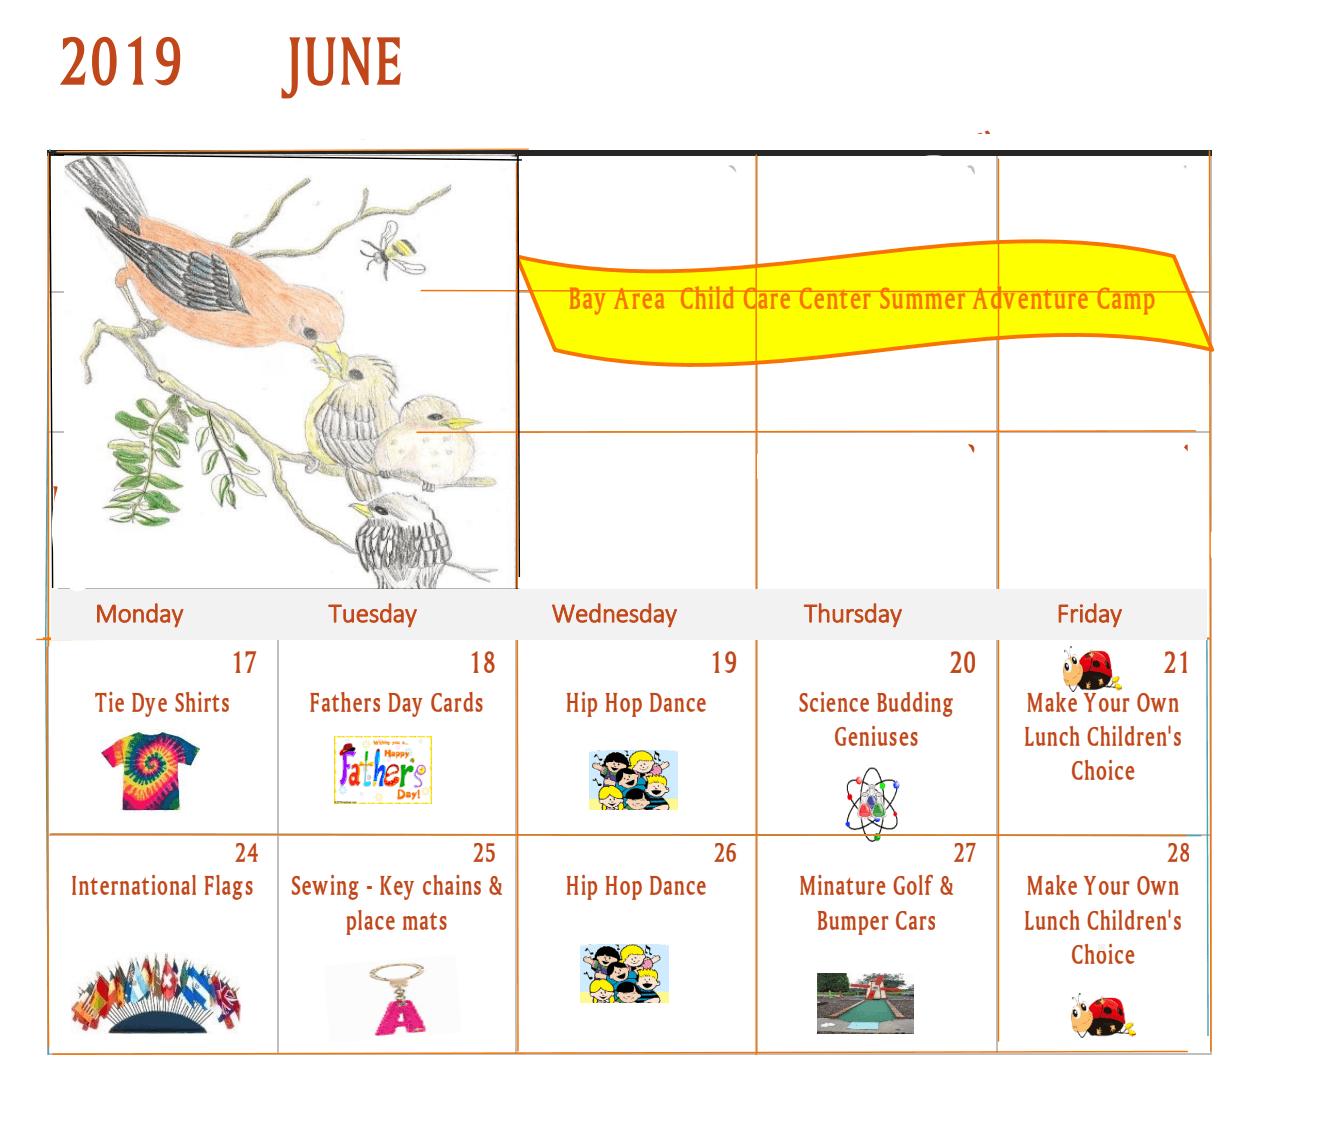 June 2019 Summer Calendar